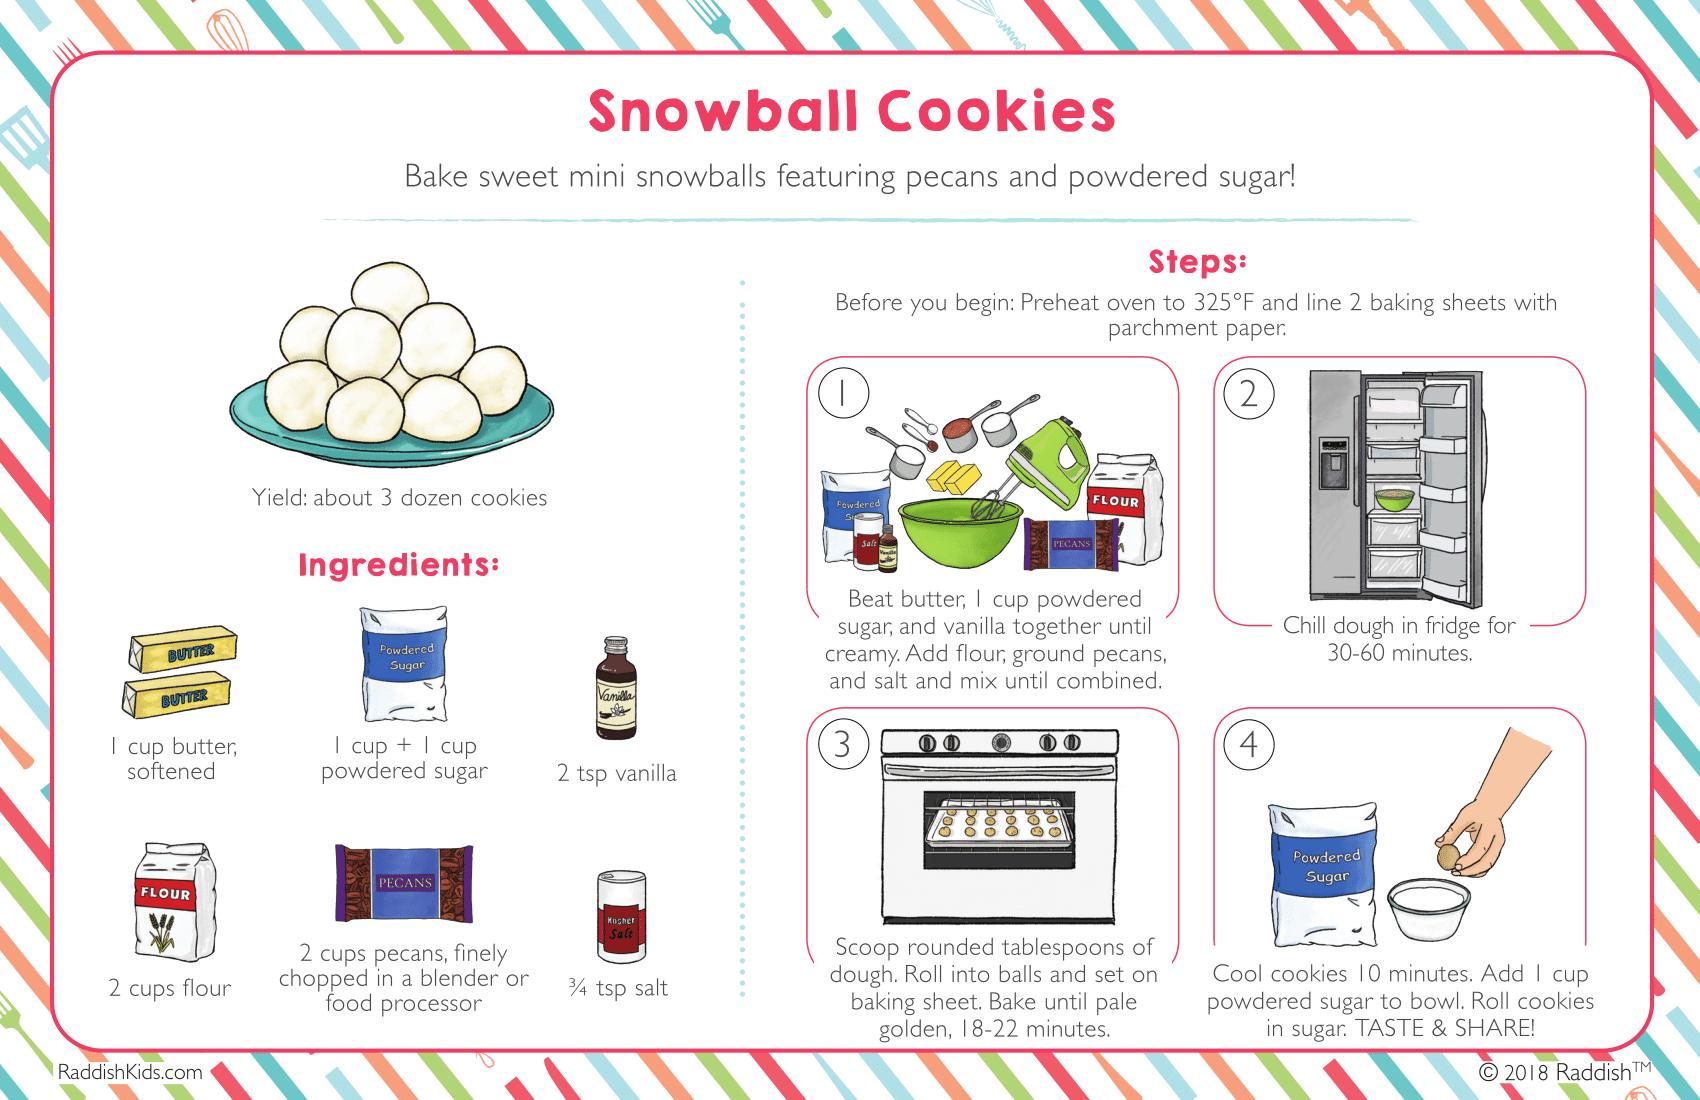 Snowball Cookies Raddish Kids